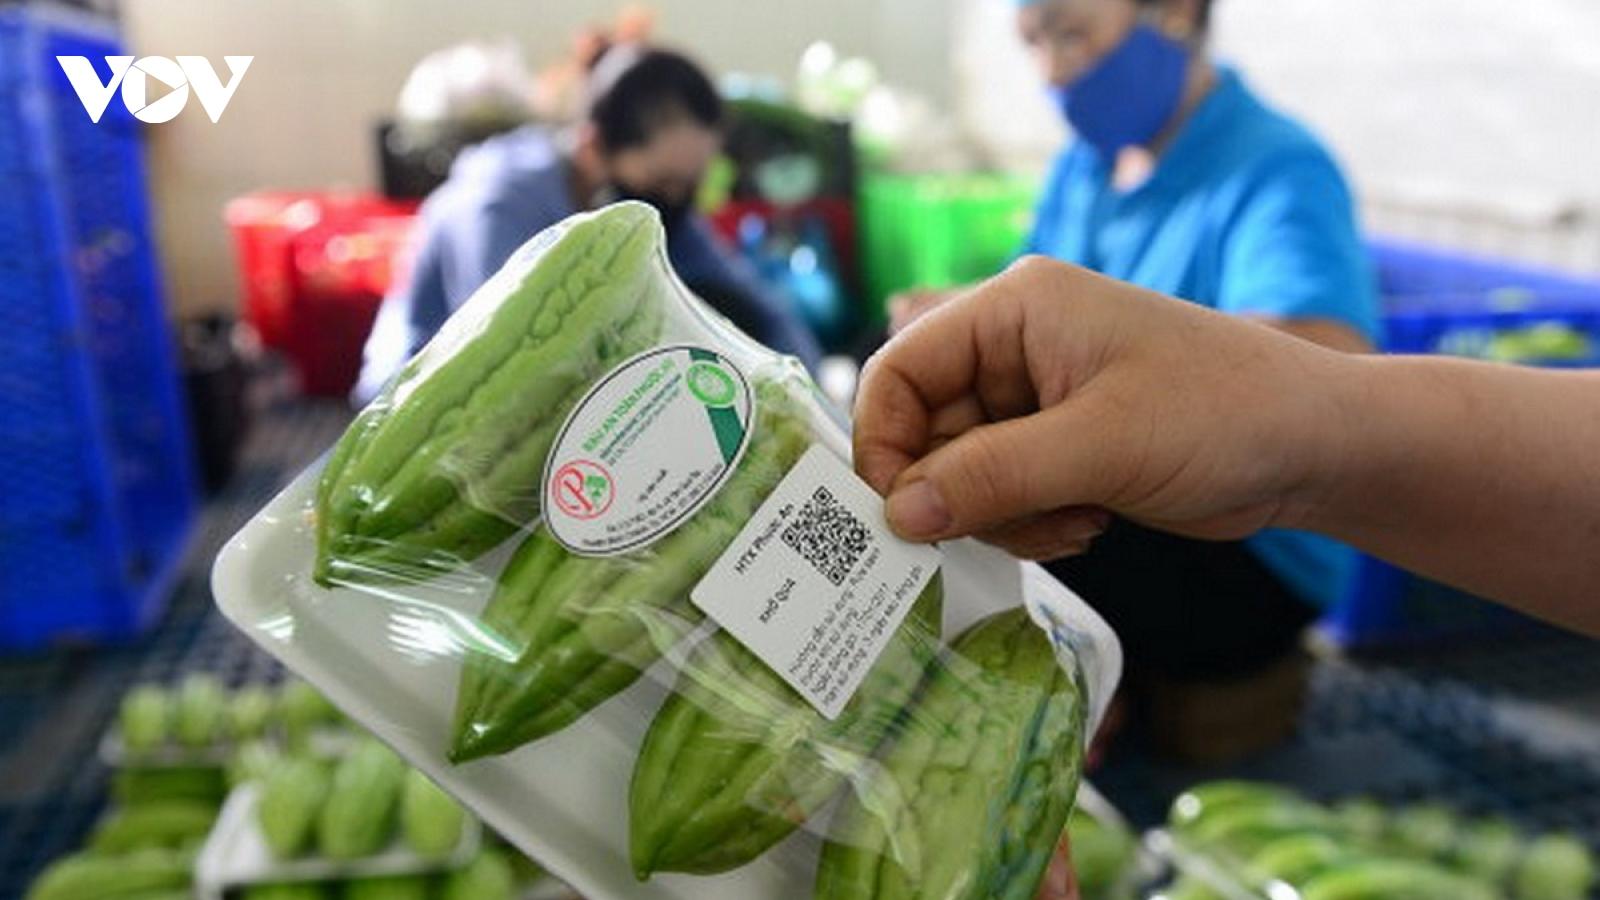 Phú Yên tăng cường truy xuất nguồn gốc sản phẩm góp phần tăng giá trị hàng hóa